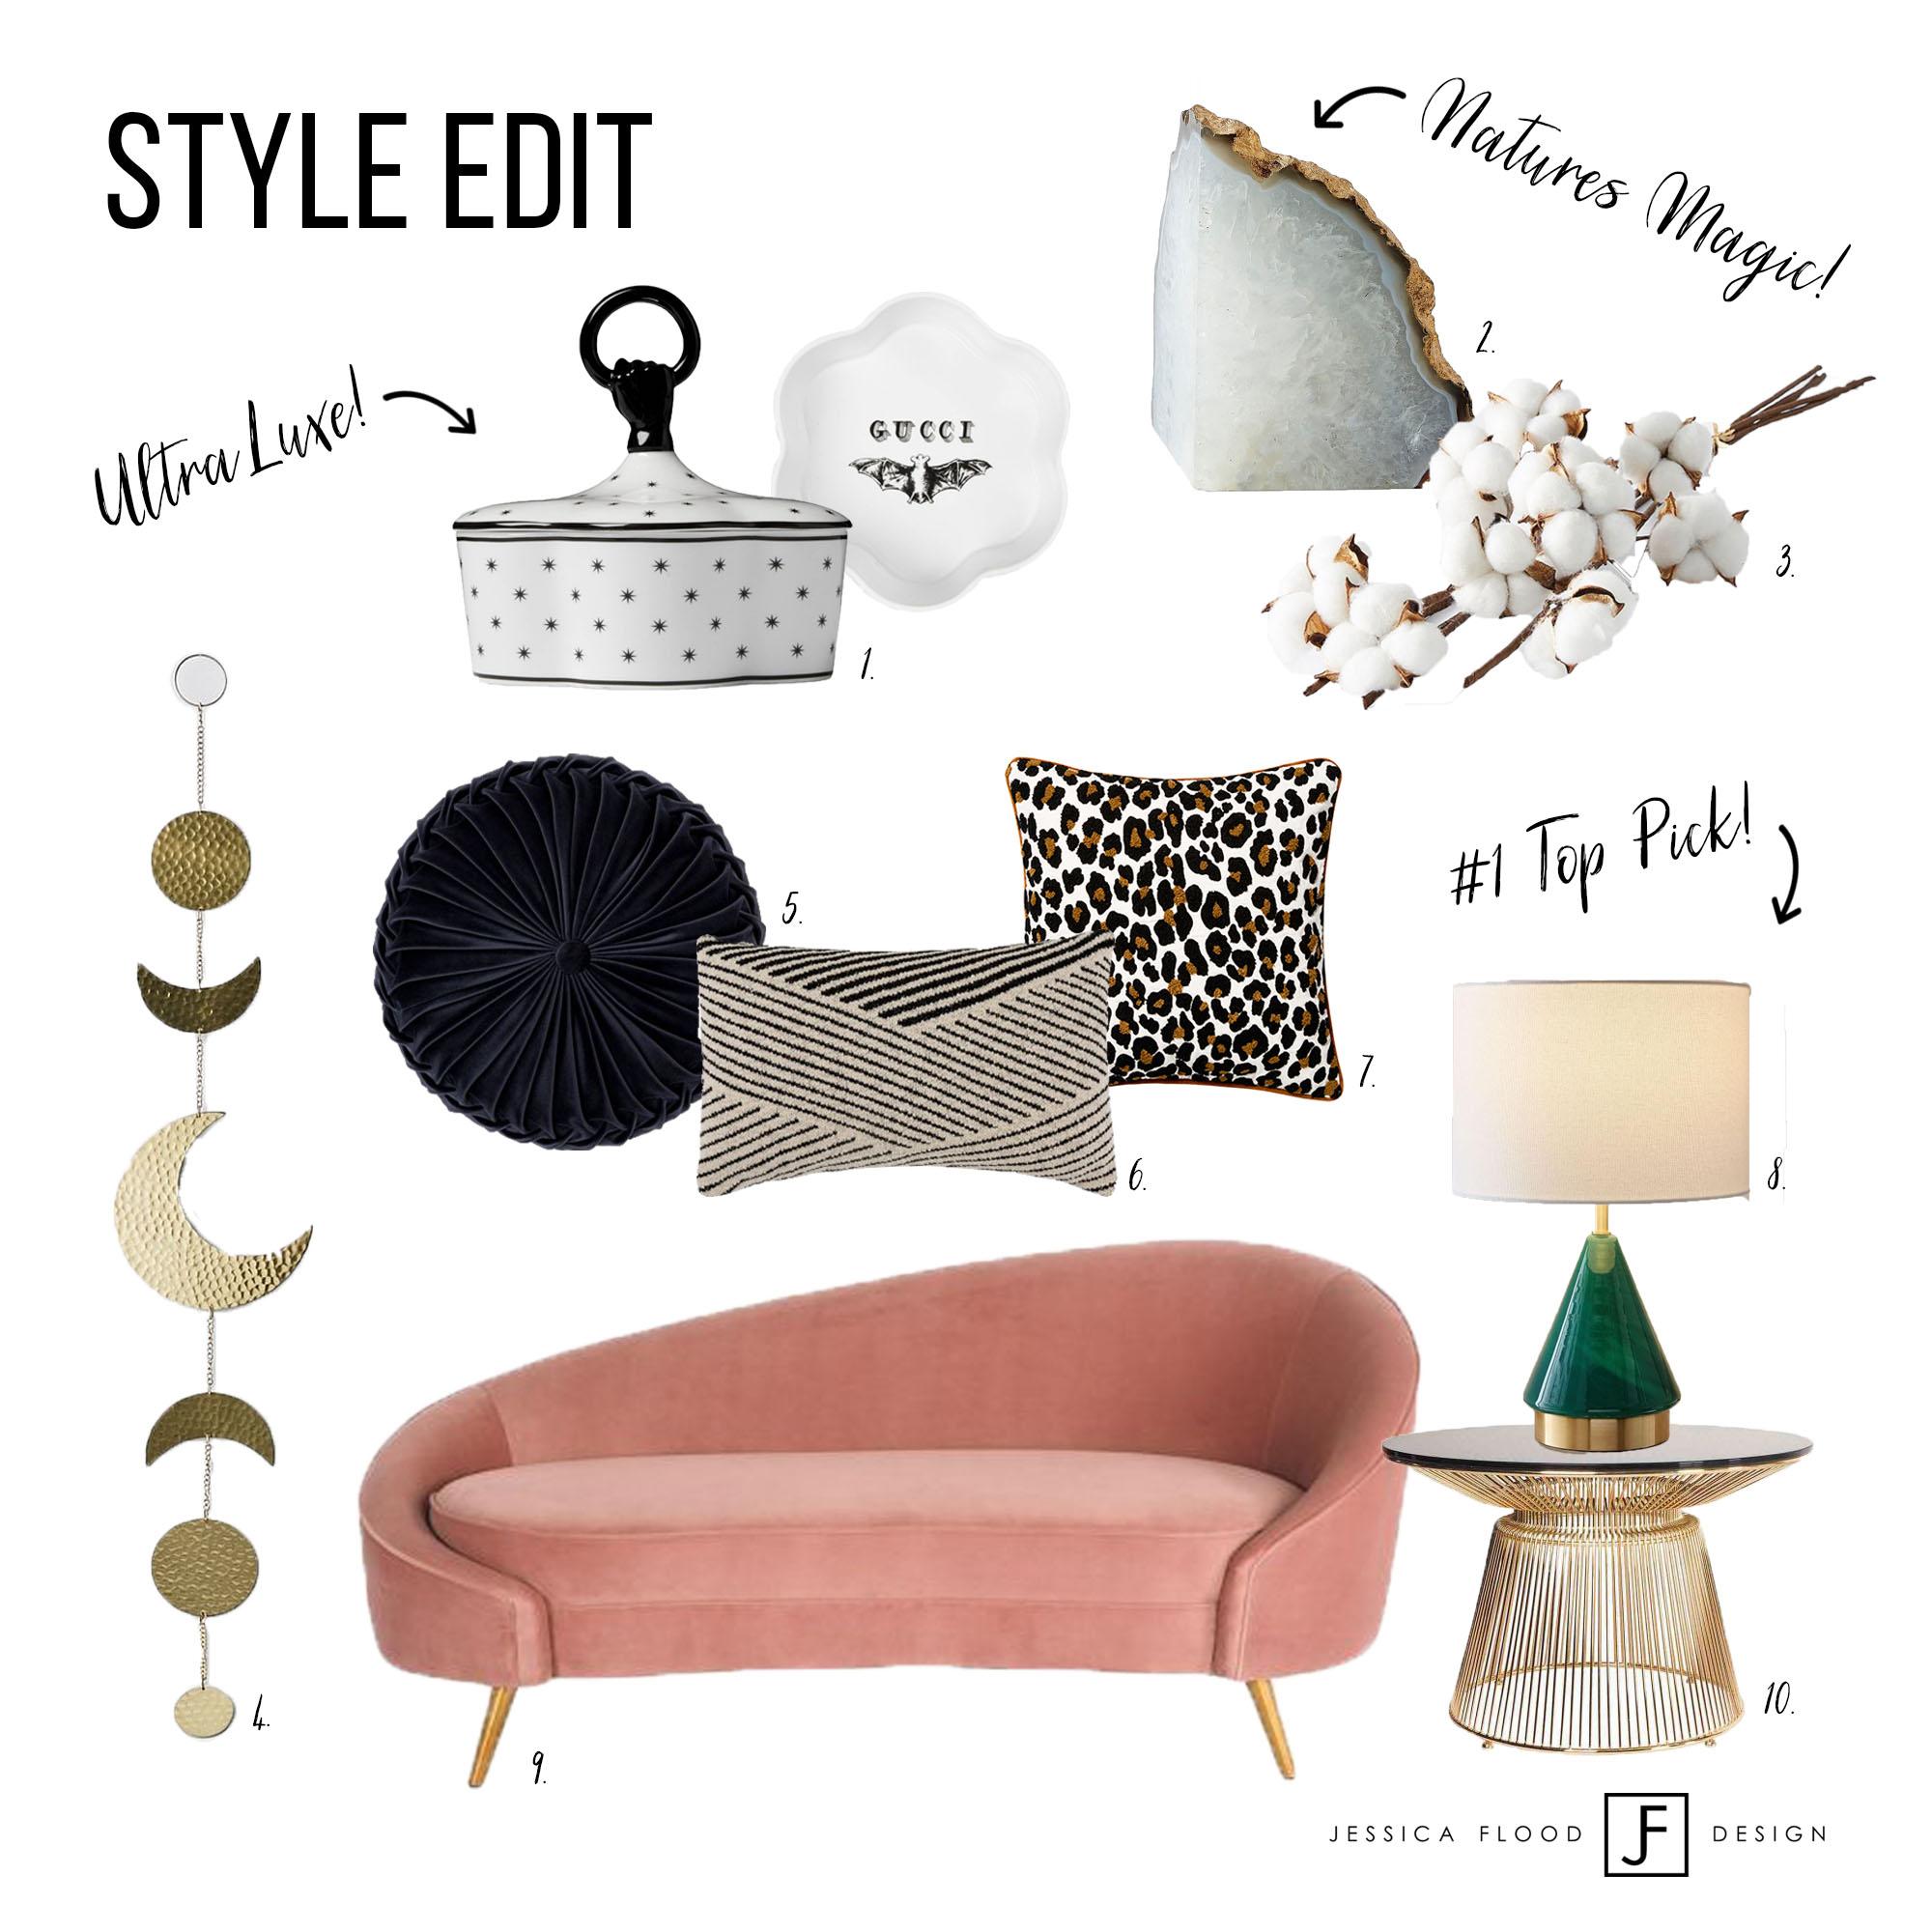 Style Edit 3 Blog_Jessica Flood Design.jpg